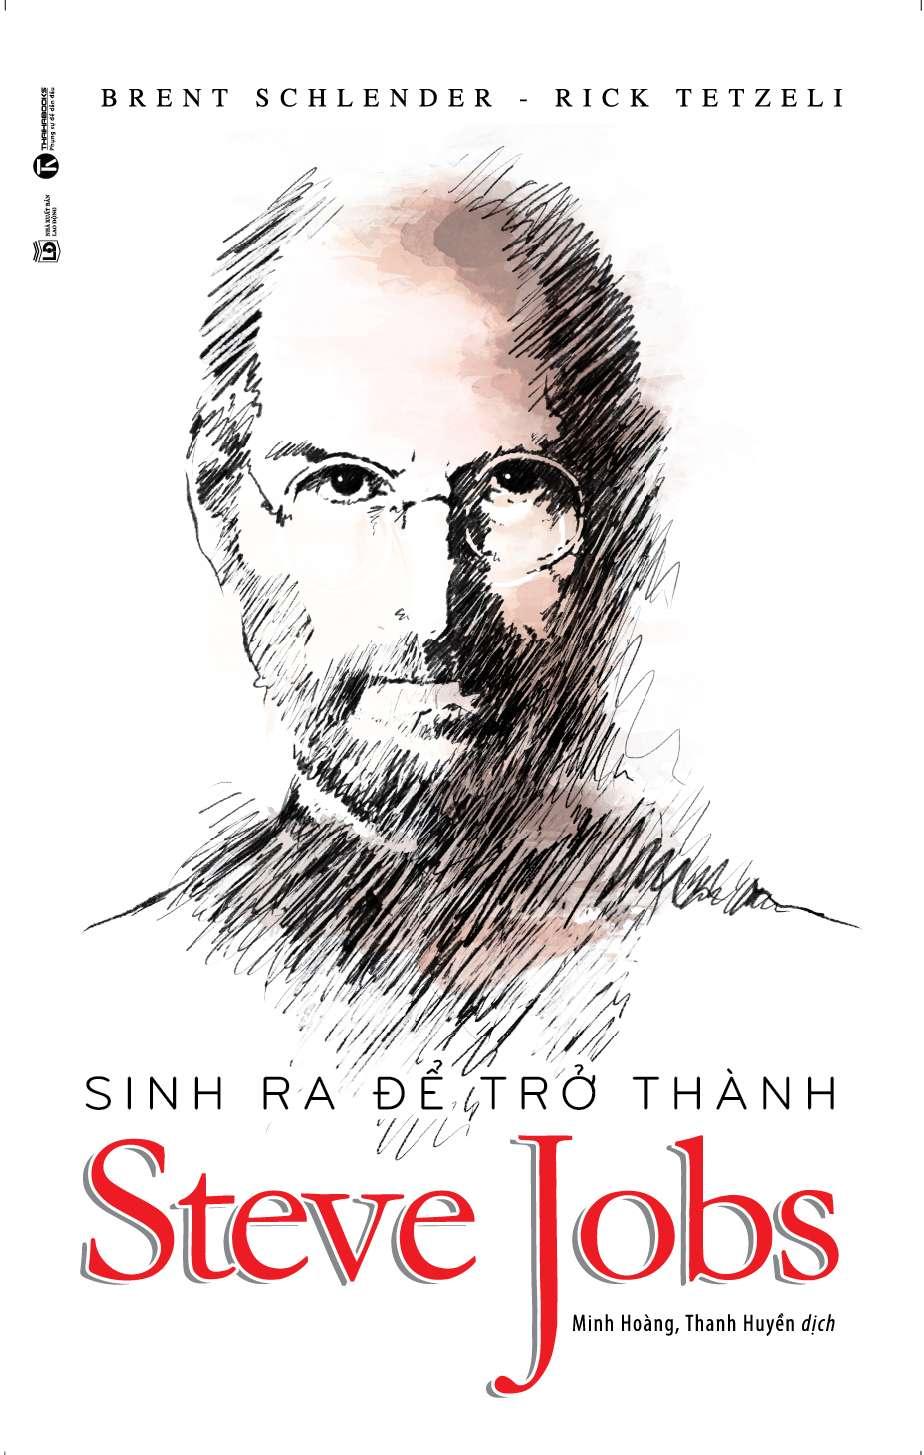 sach sinh ra de thanh steve jobs 9 quyển sách hay về Steve Jobs đọc để khác biệt !